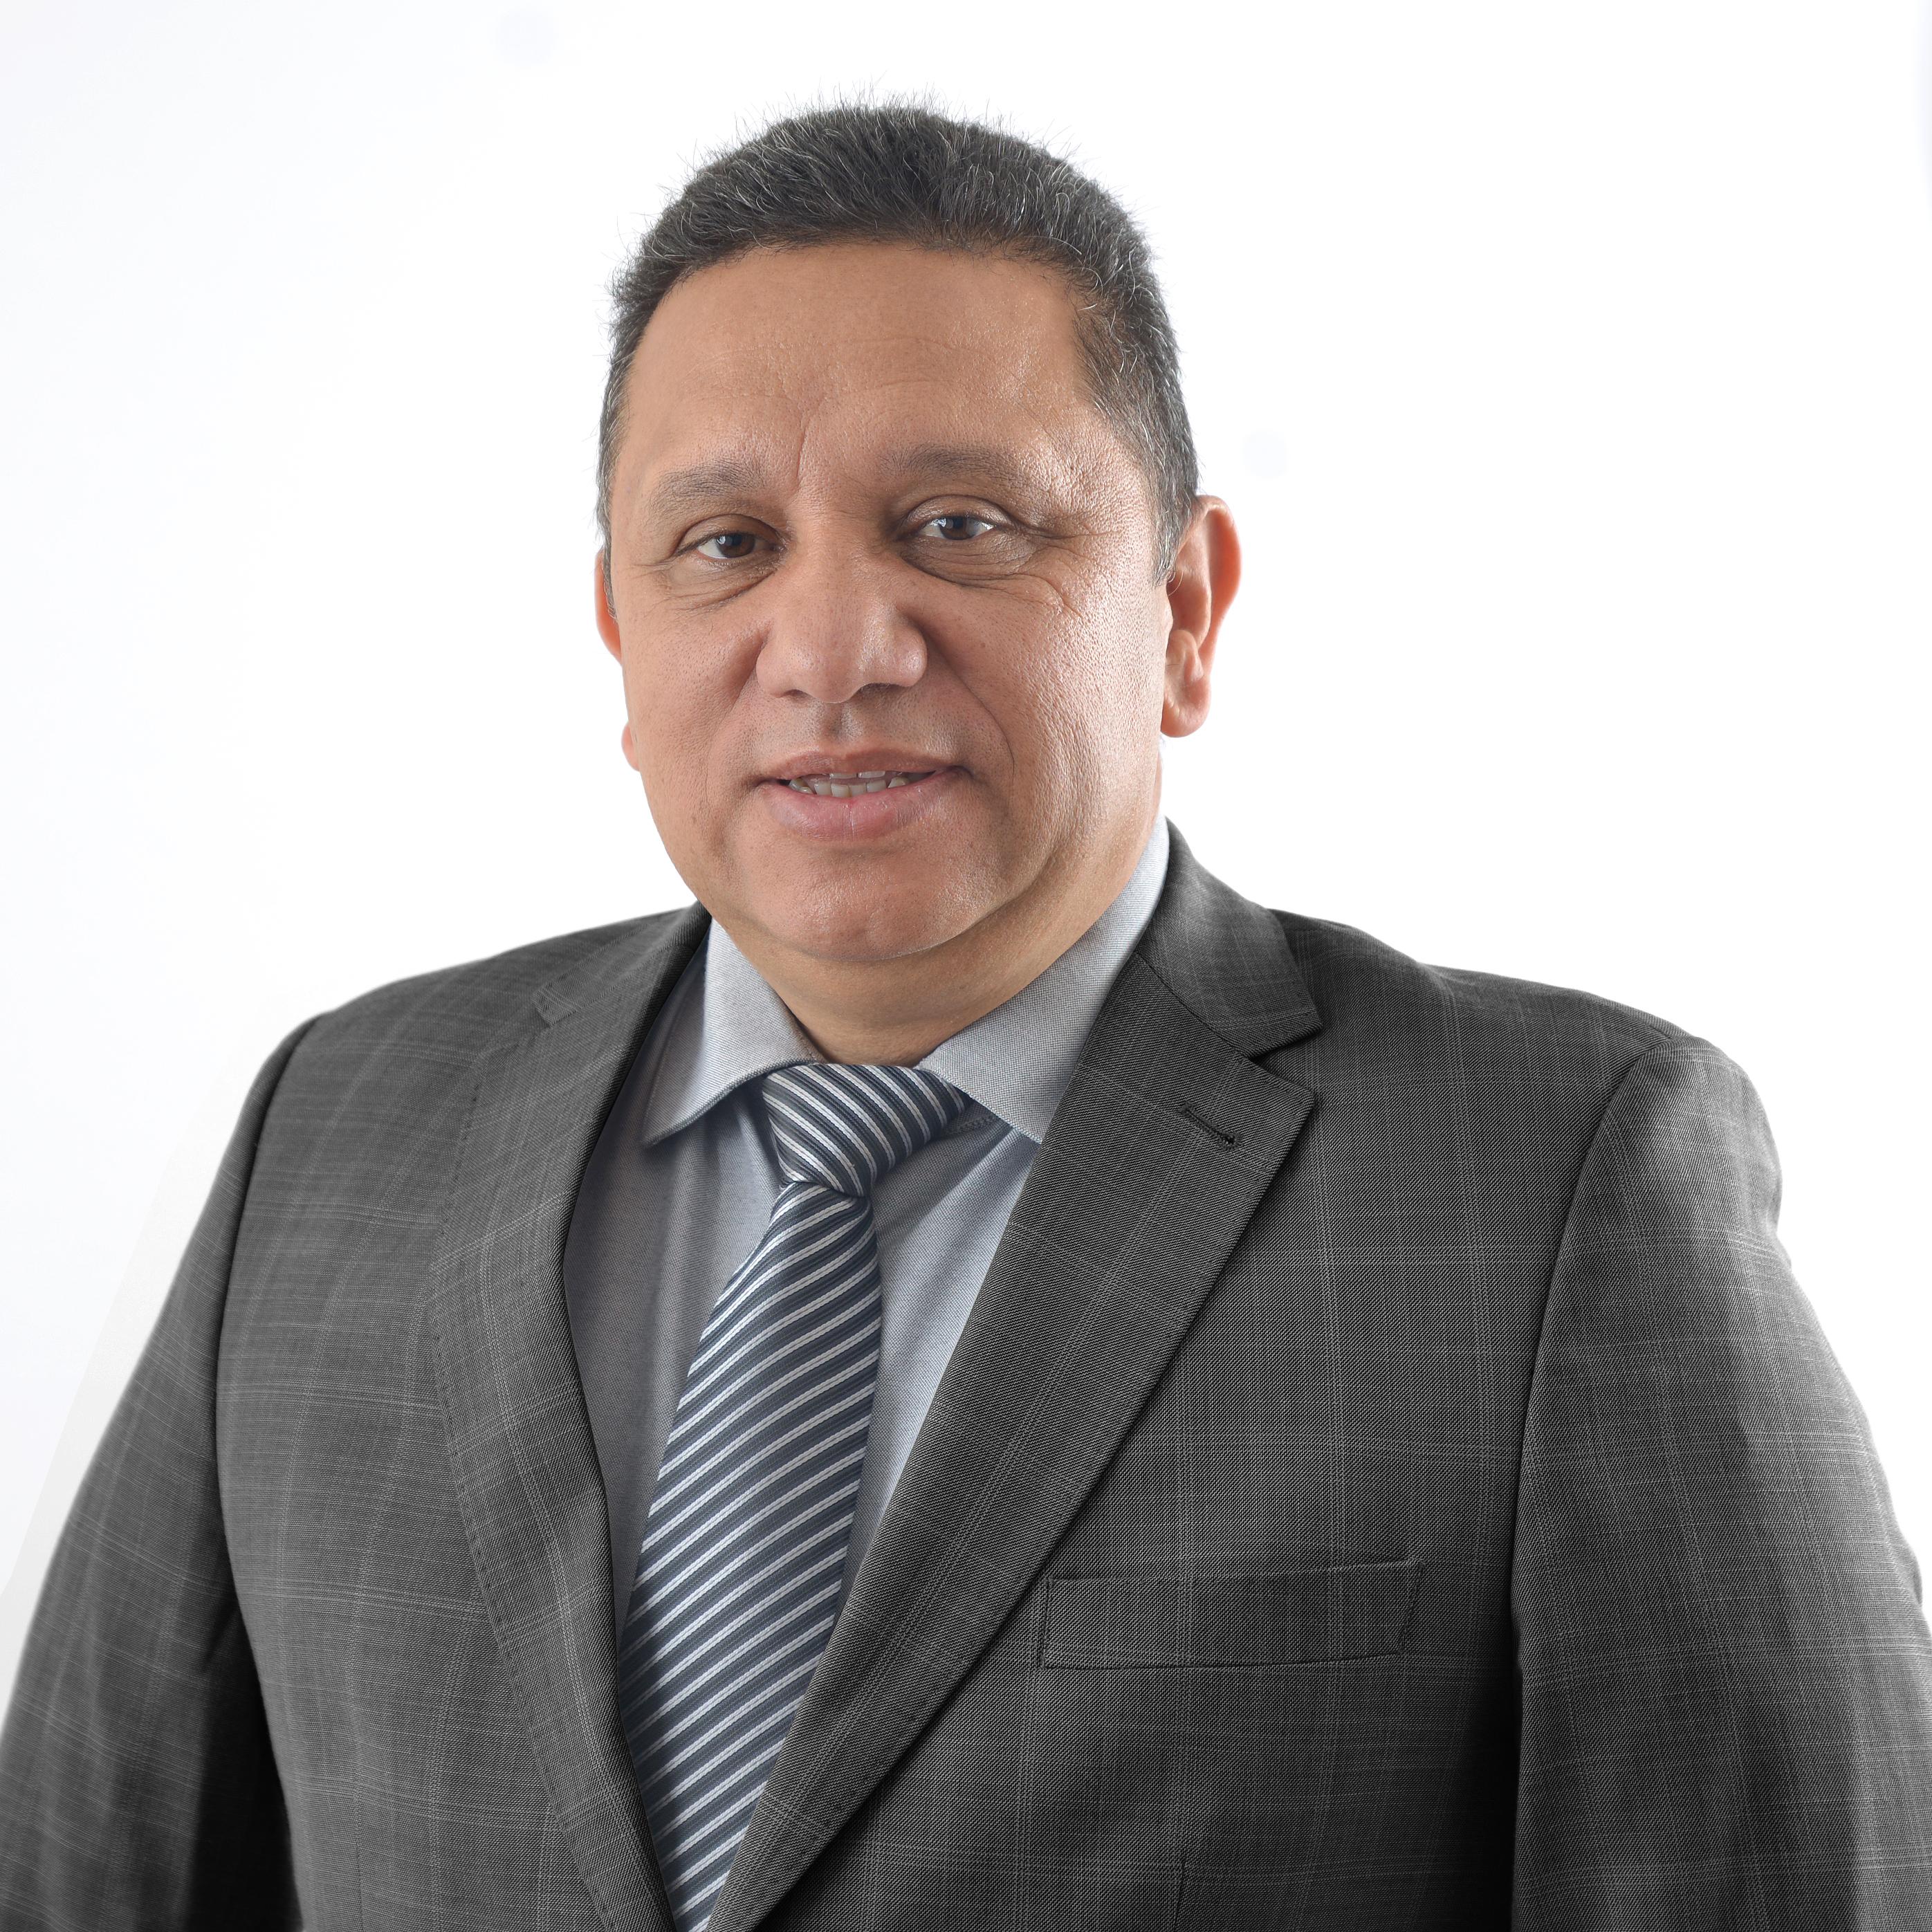 Wilson Ferreira Guimarães